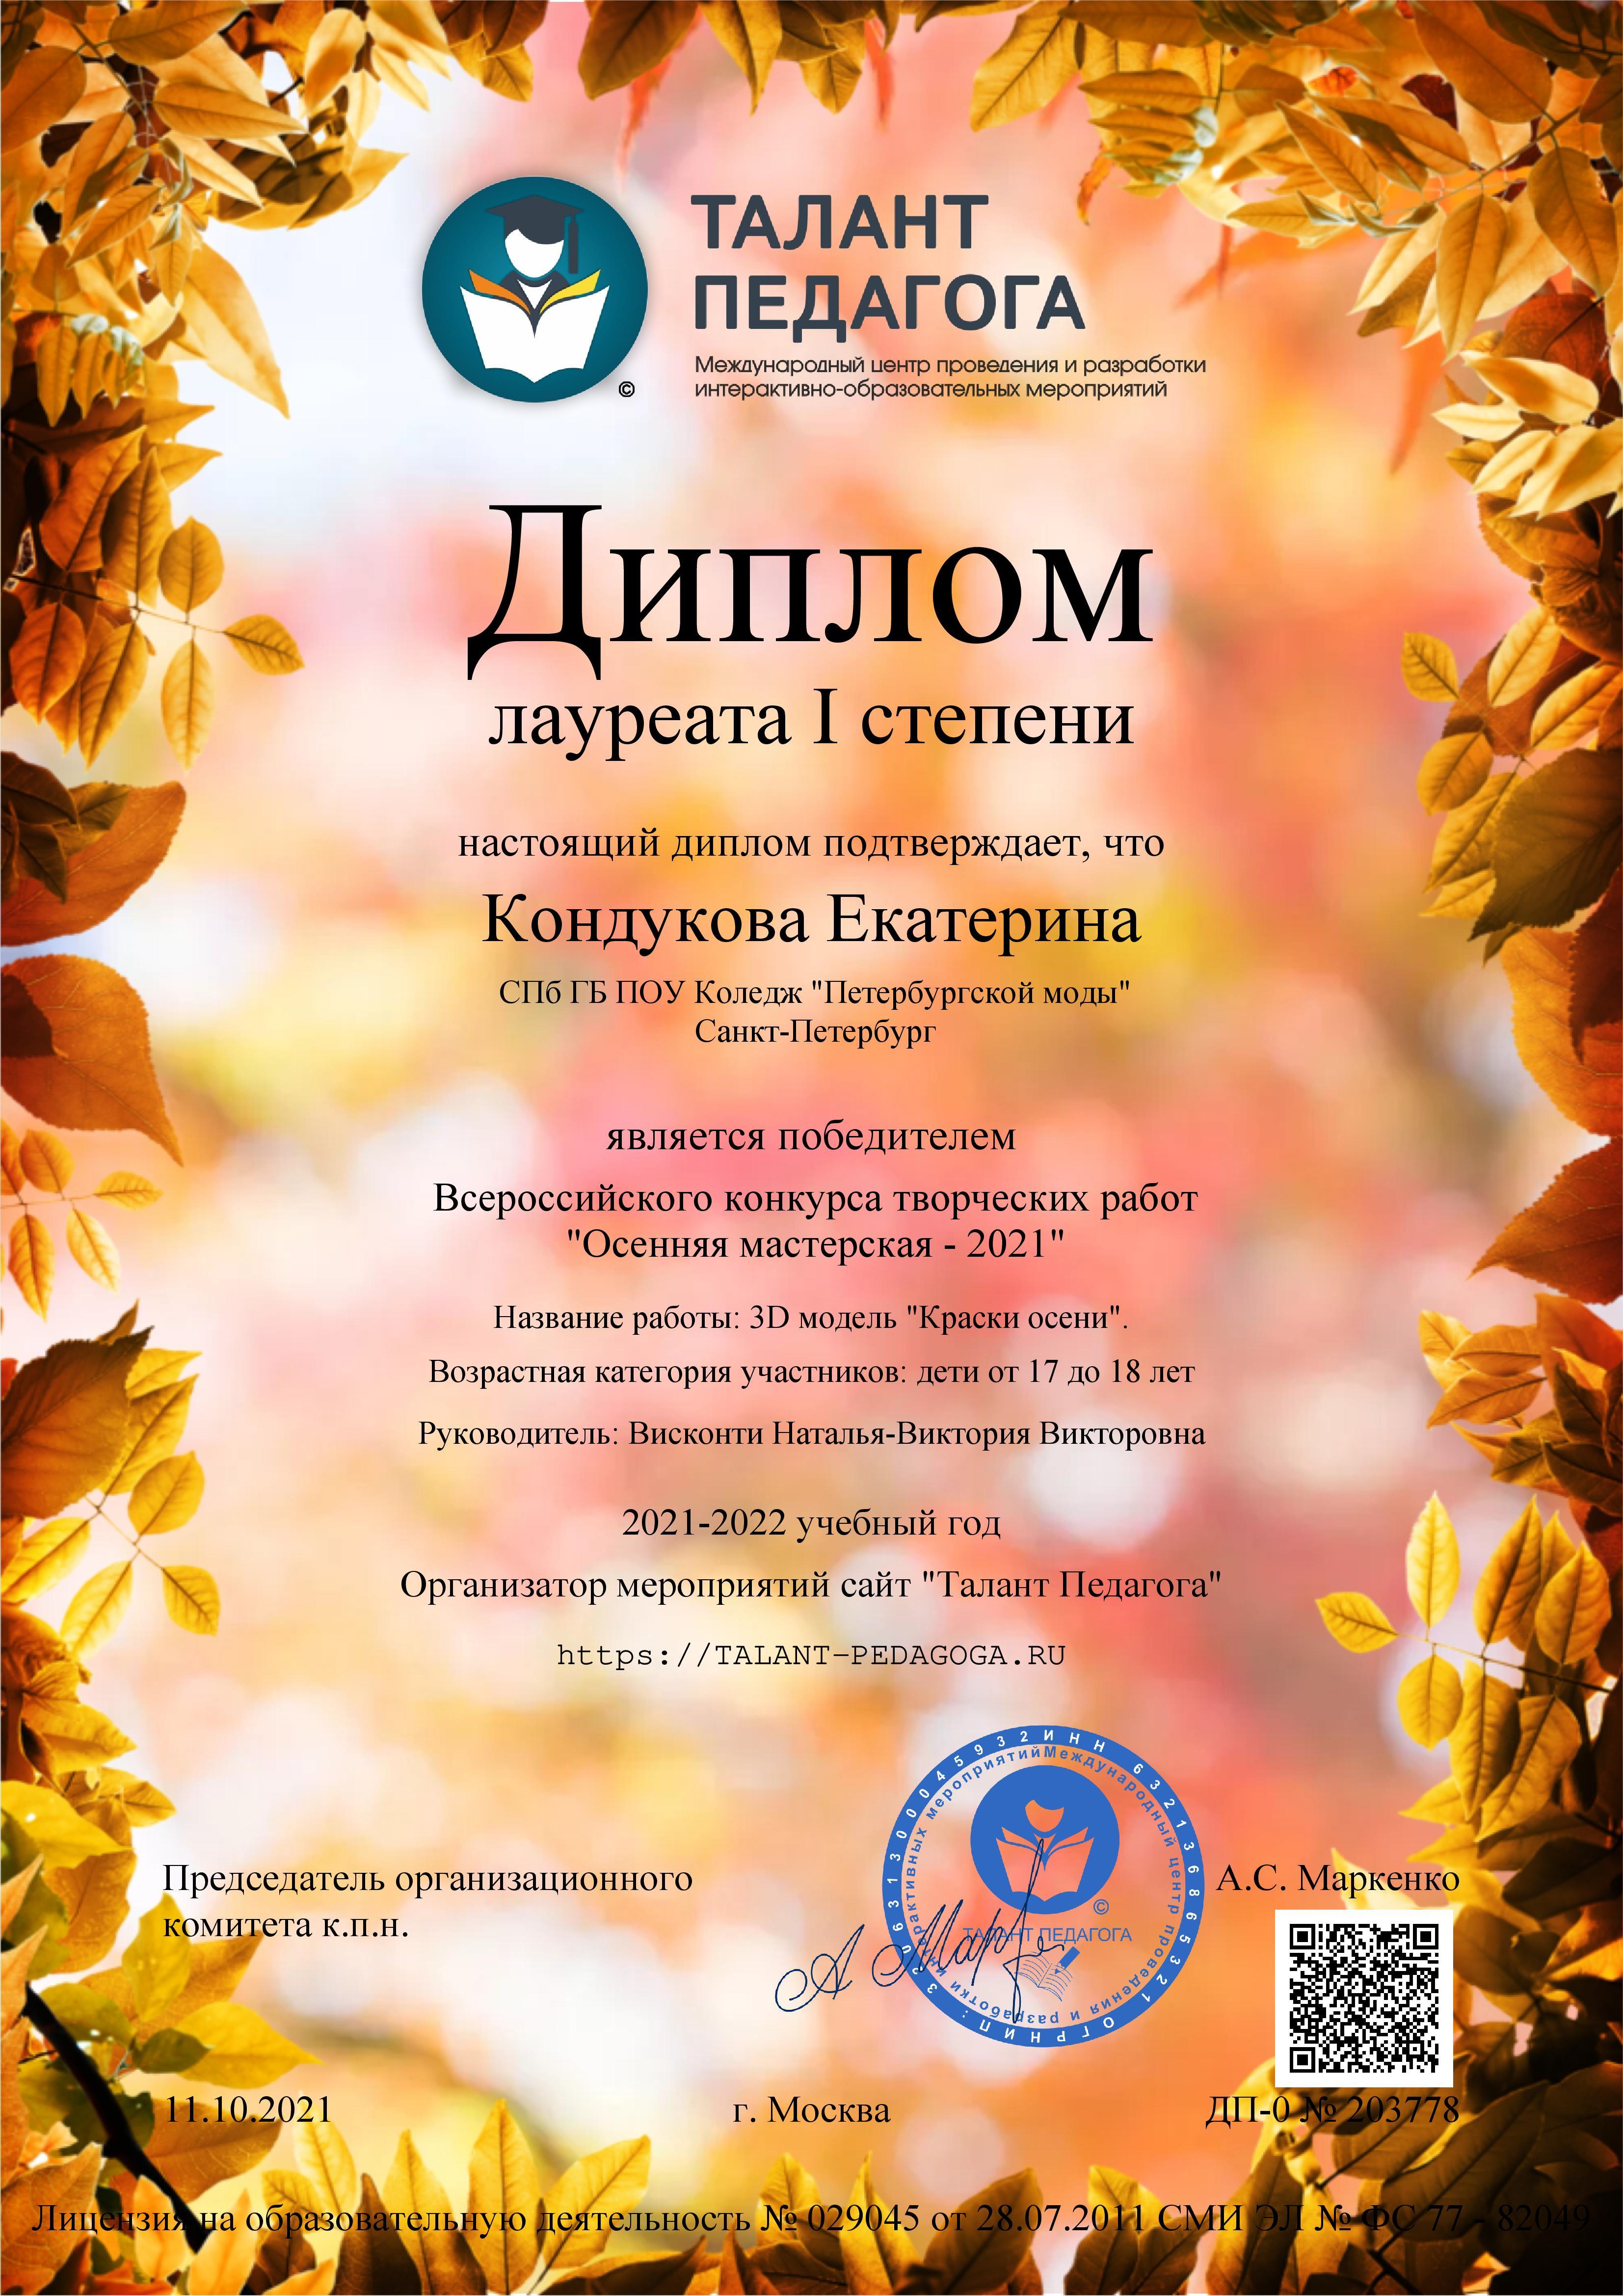 Победа во Всероссийском конкурсе творческих работ «Осенняя мастерская — 2021»